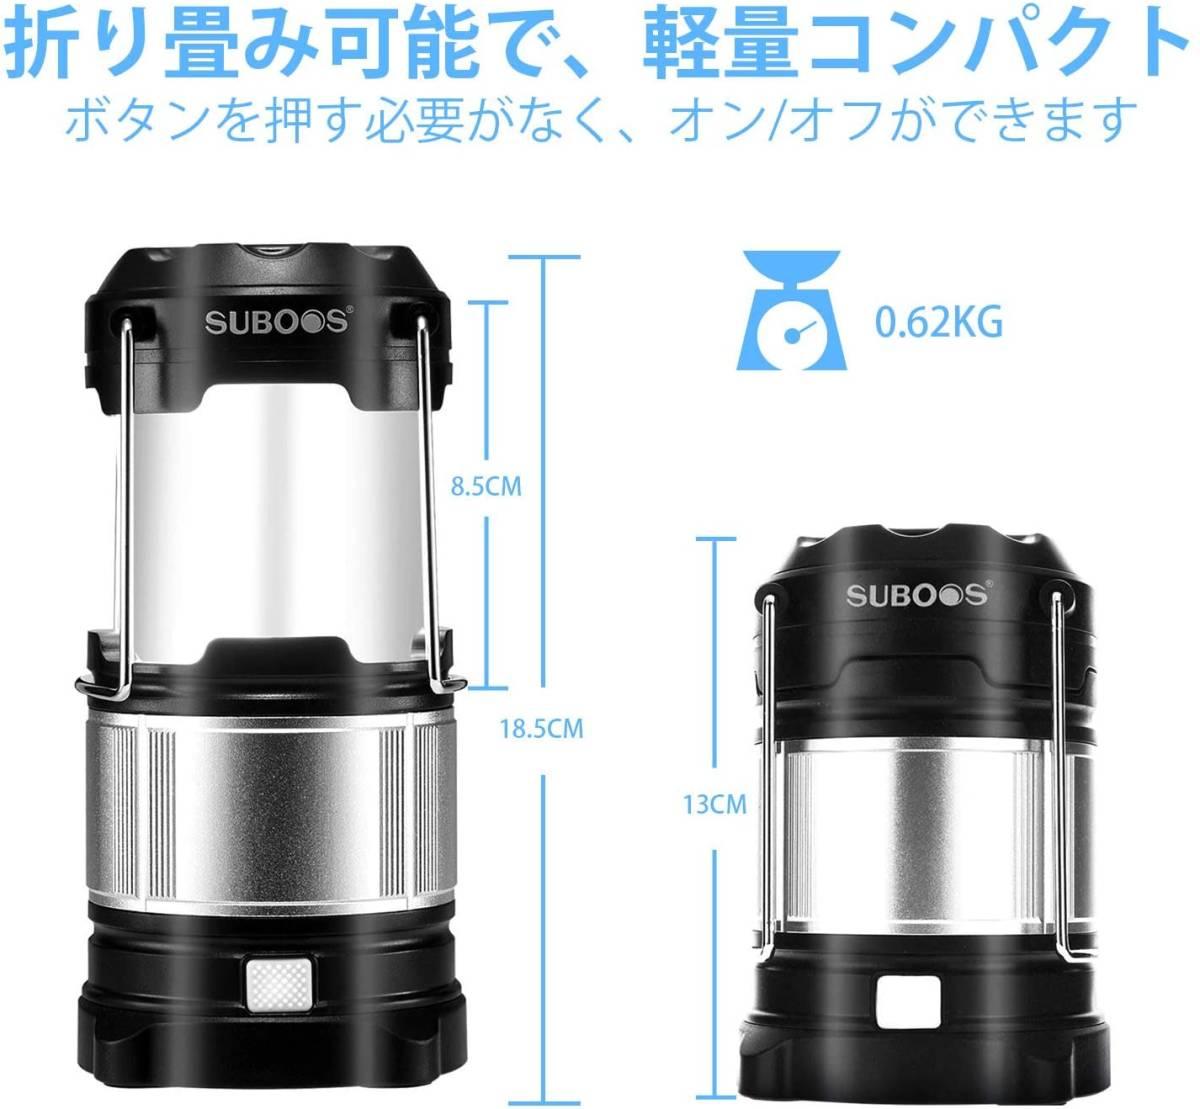 LEDランタン リチウム5200mAh 単3電池可 スマホ充電可 防災